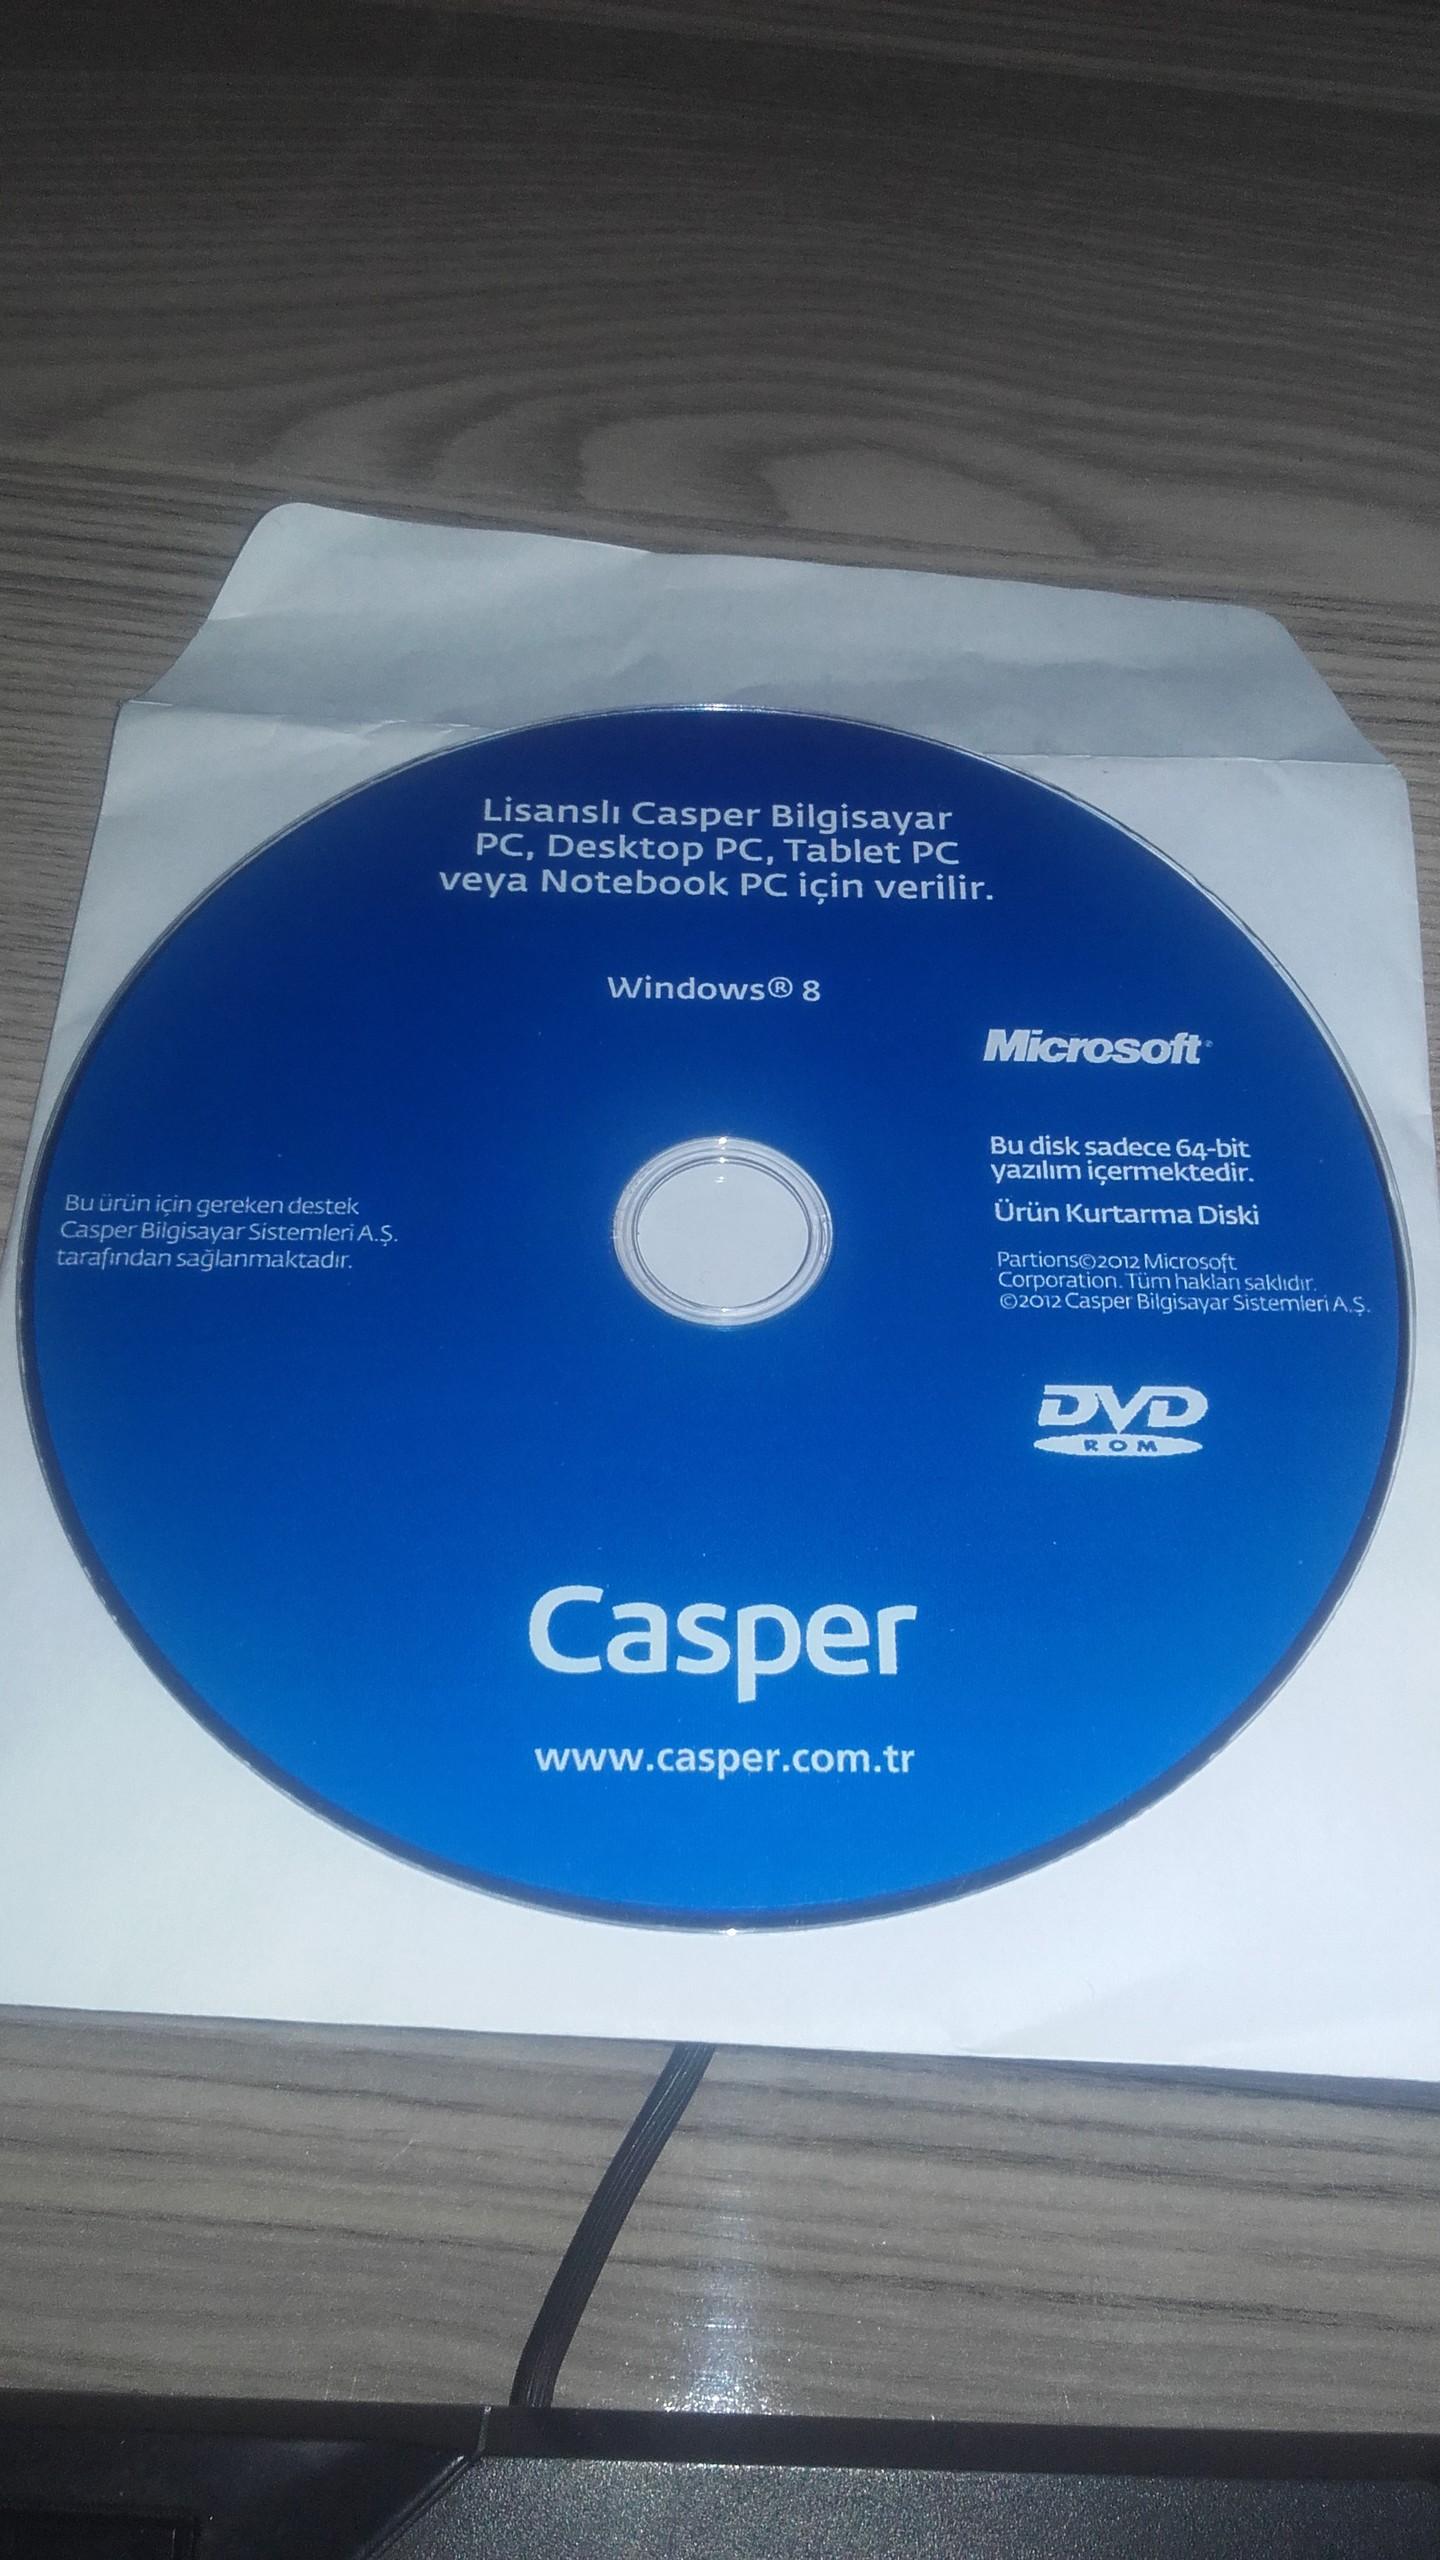 dvd format atmak masaüstü bilgisayarlar forumu chip online forum